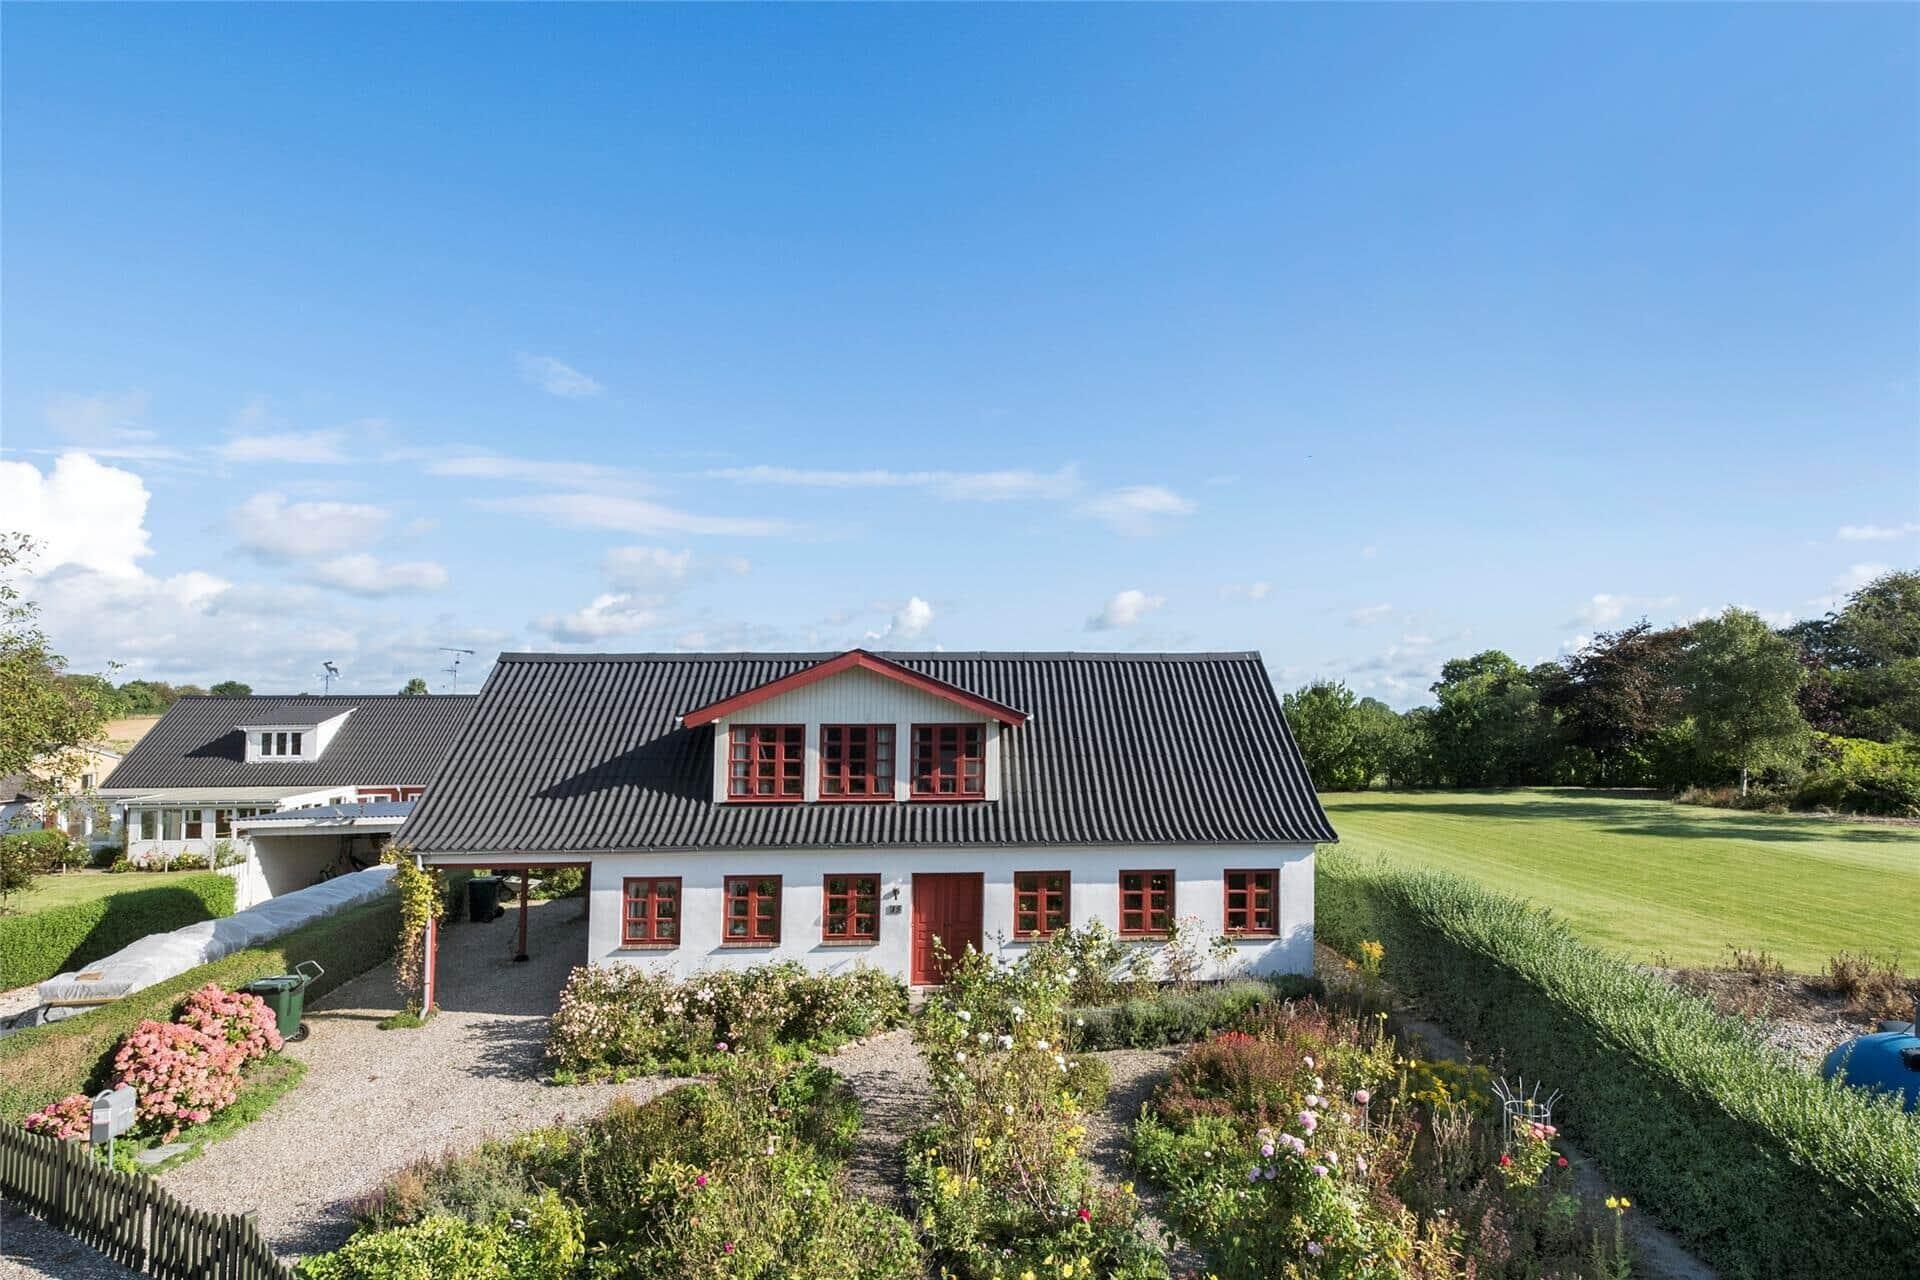 Billede 1-3 Sommerhus M673667, Vandværksvej 15, DK - 5953 Tranekær